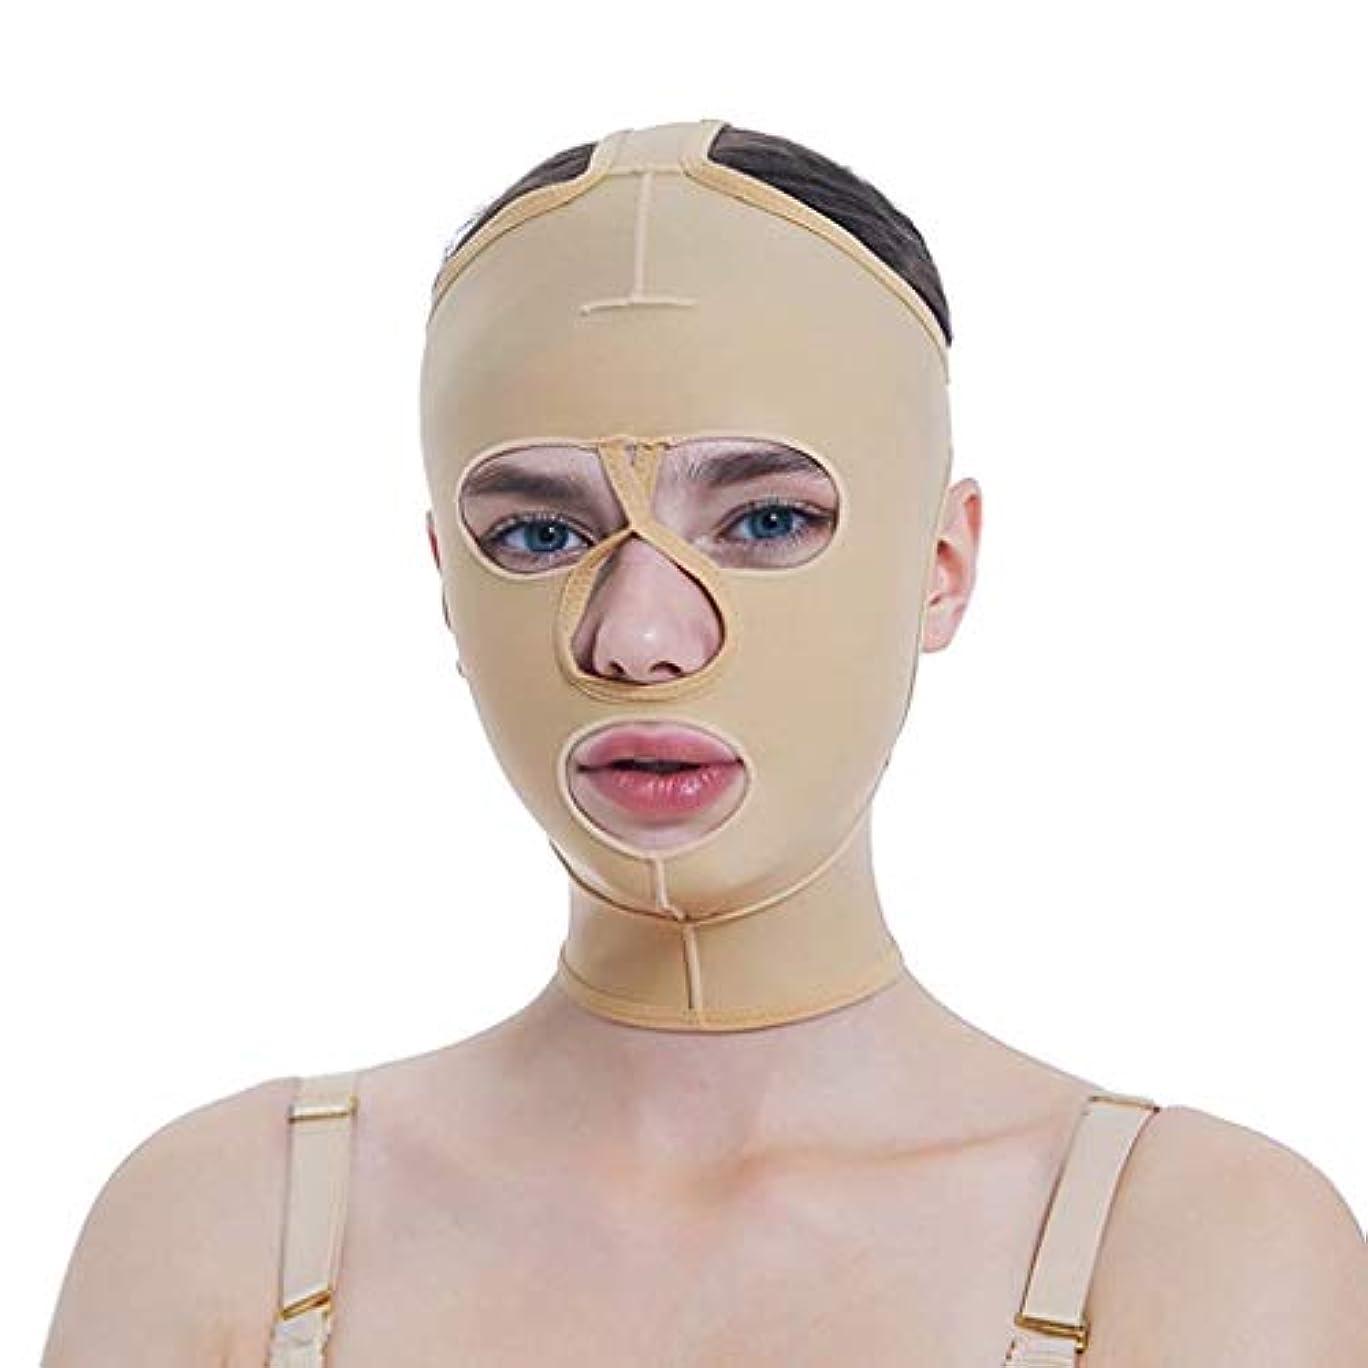 等ロードハウスアクセサリー脂肪吸引術用成形マスク、薄手かつらVフェイスビームフェイス弾性スリーブマルチサイズオプション(サイズ:S)